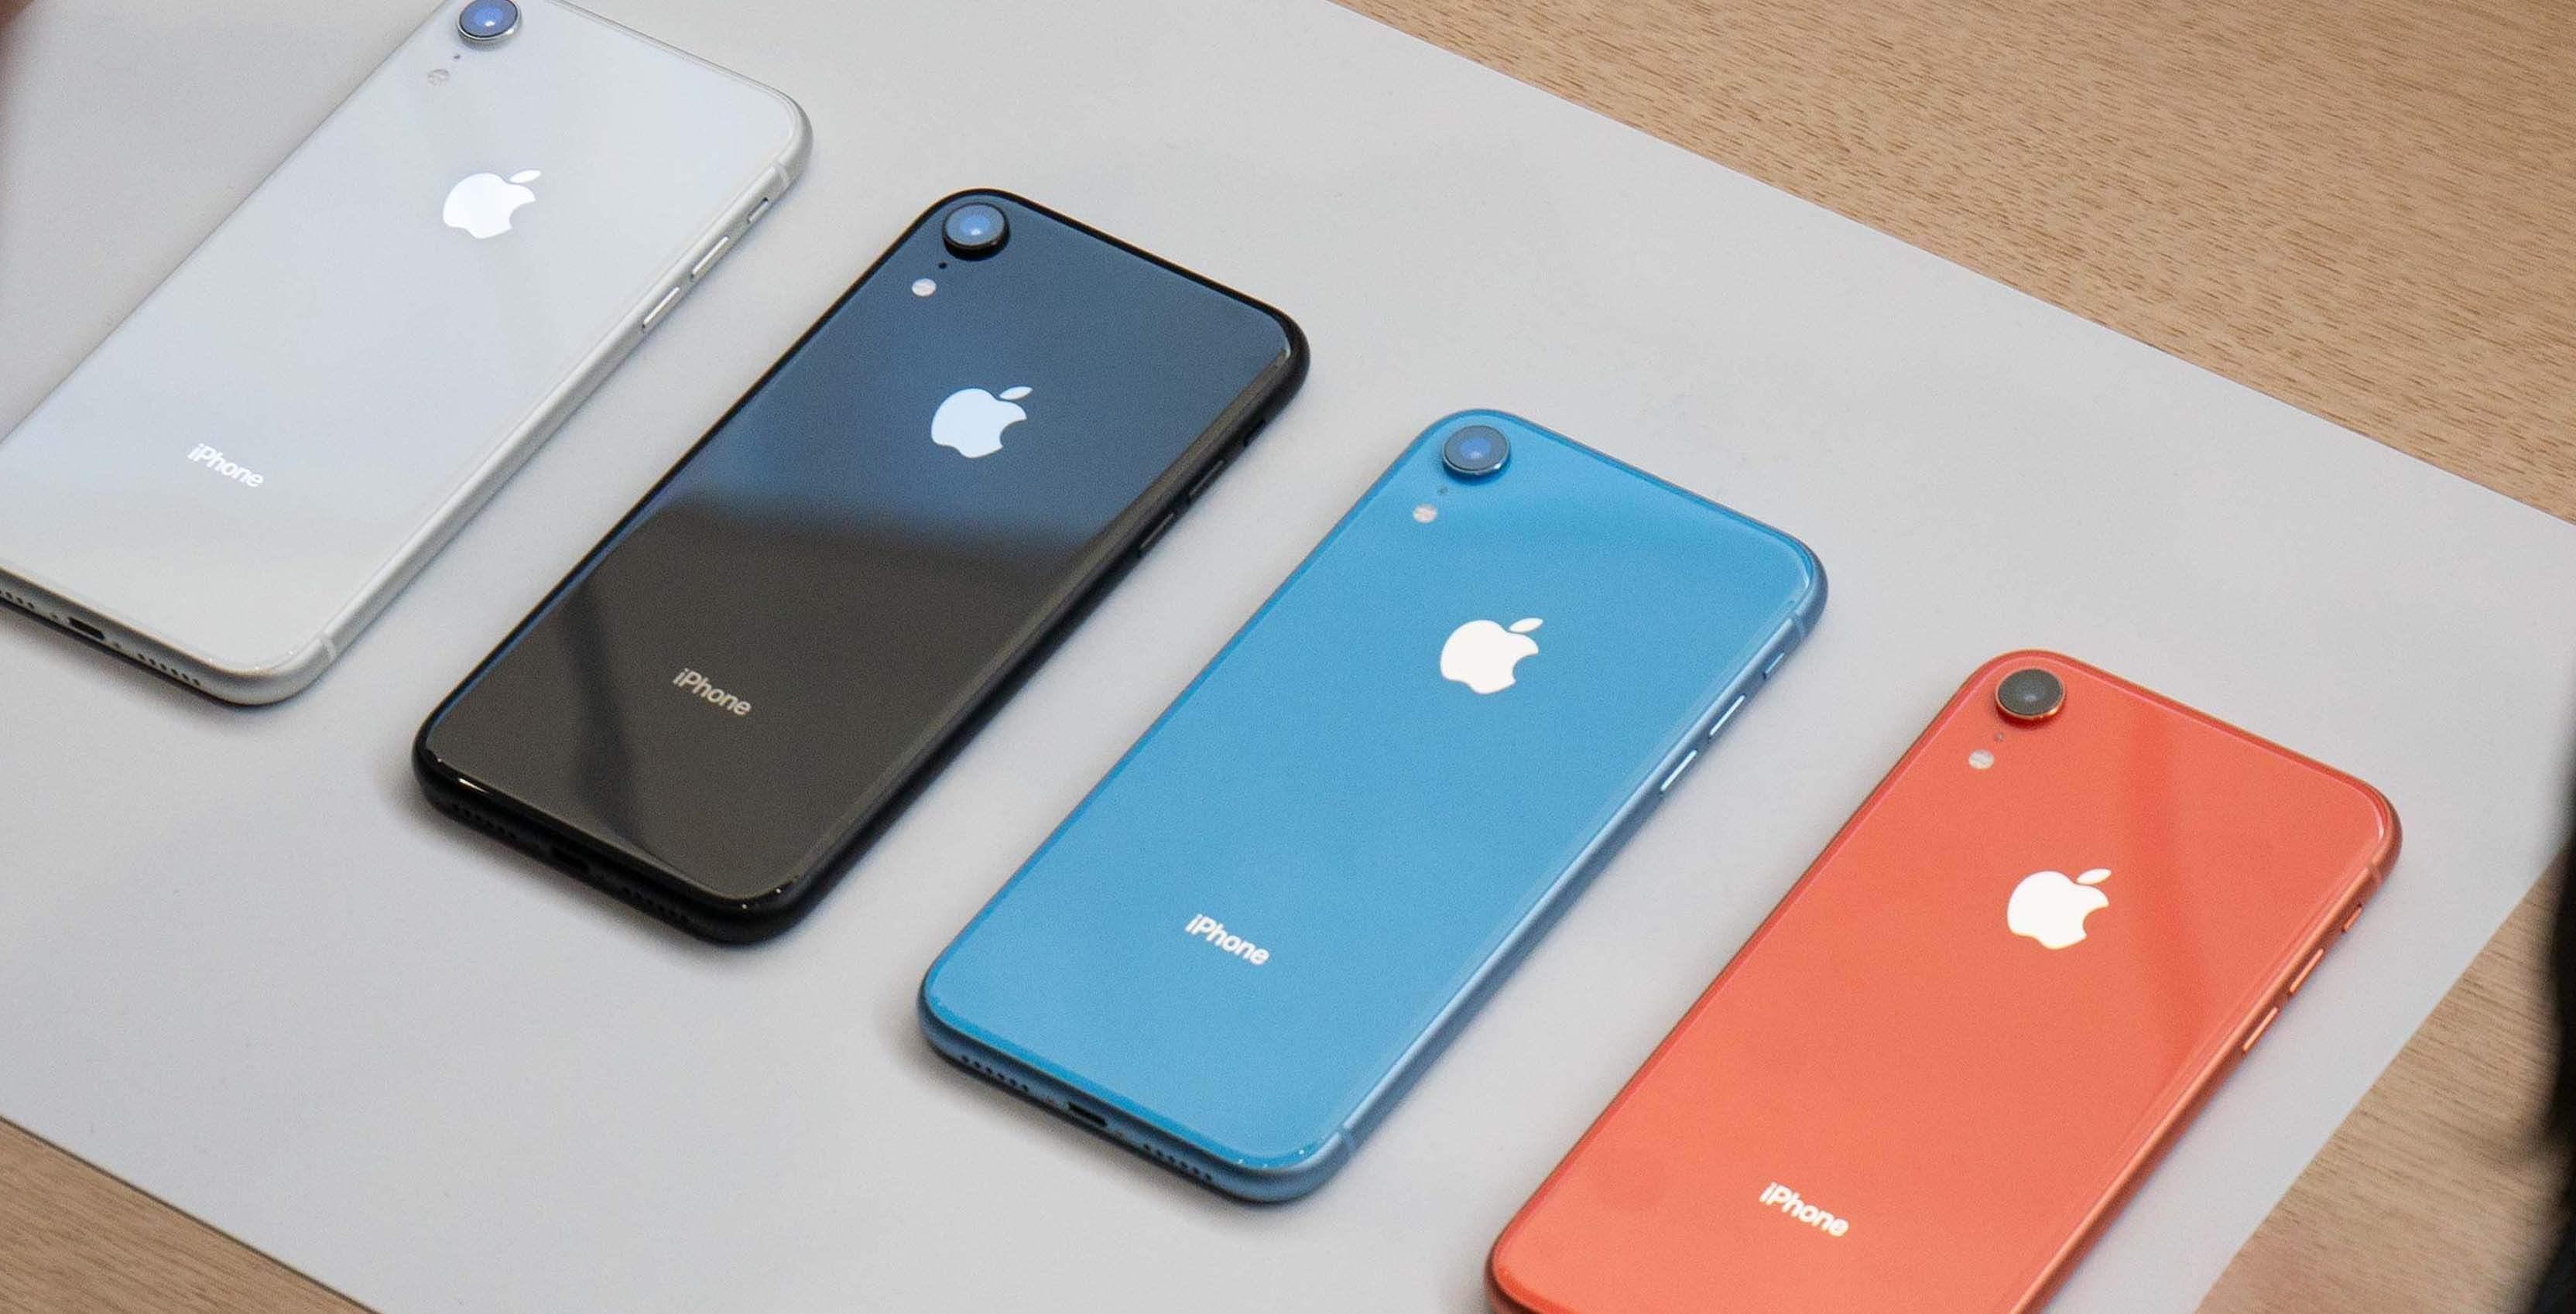 2019年智能手机排行榜_智能手机排行榜2019性价比前十名 2019年全球智能手